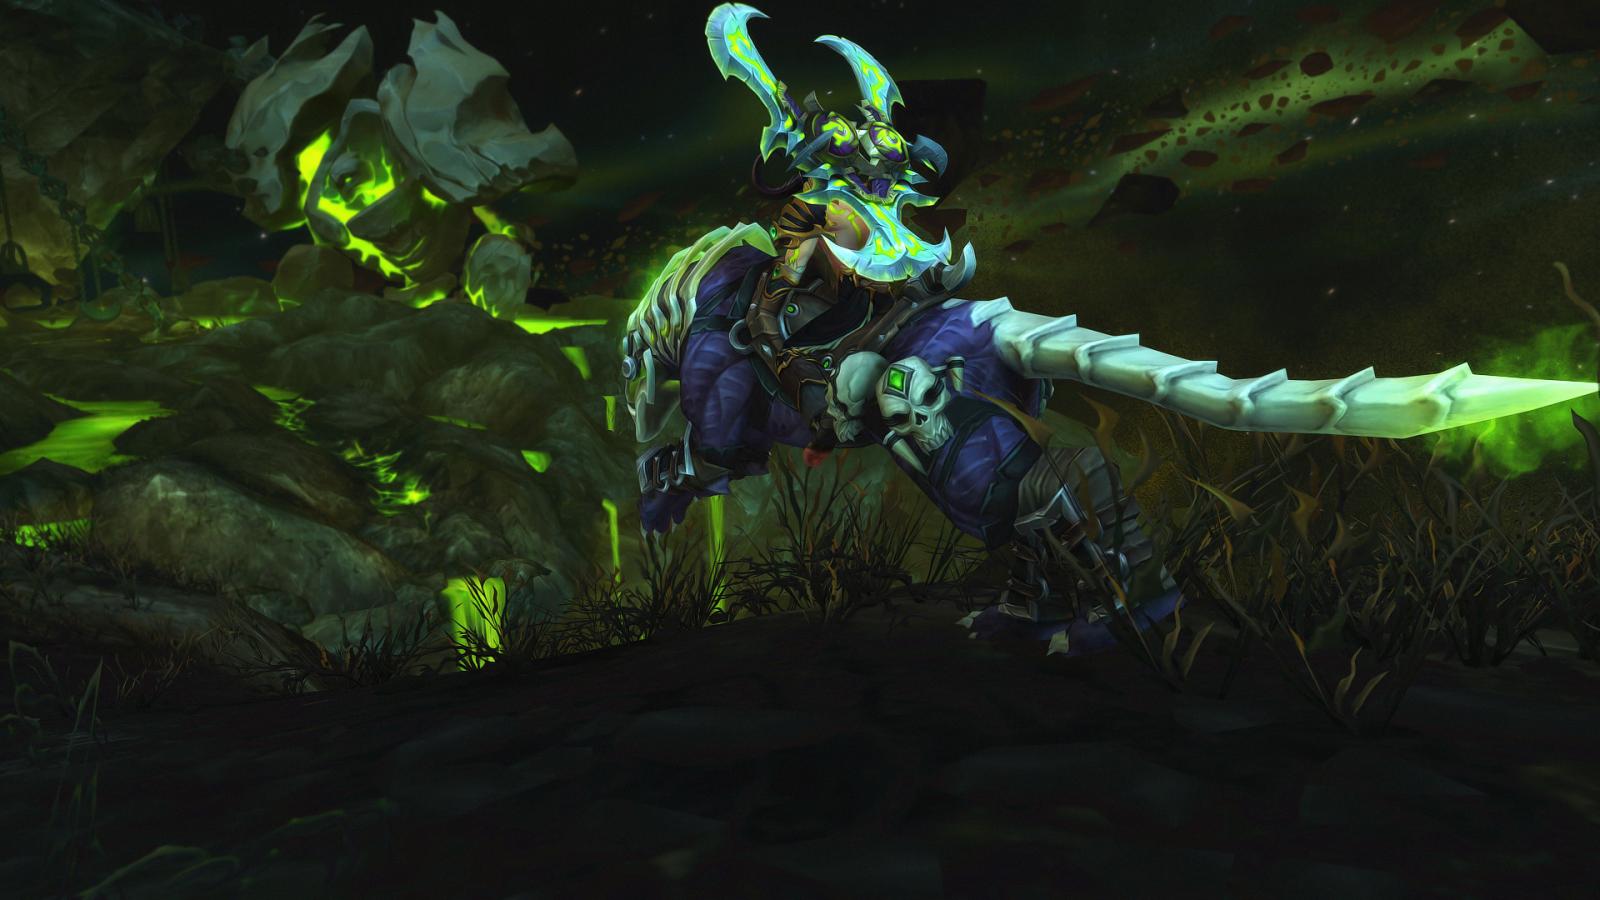 Jungle Wallpaper World Of Warcraft: Wallpaper : Video Games, World Of Warcraft, Green, Jungle